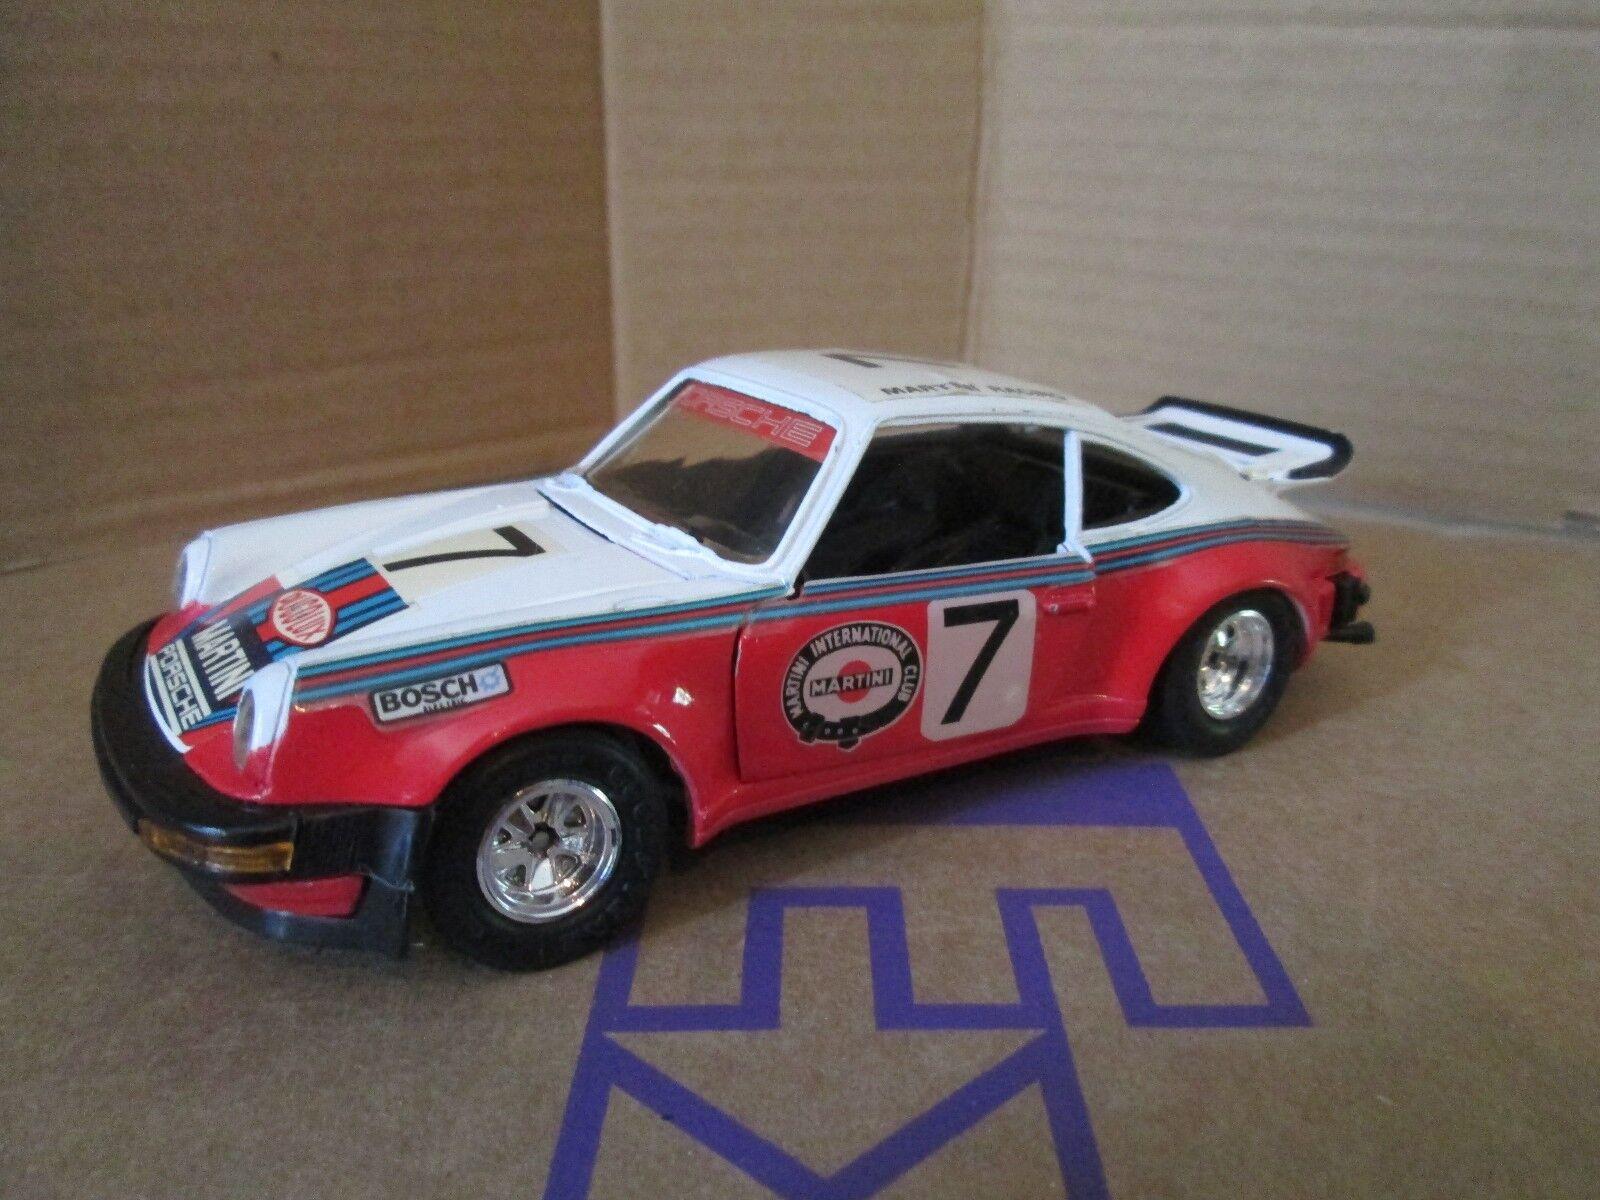 930 SC Martini Porsche Turbo 128 EIDAI GRIP Loose pezzo di visualizzazione